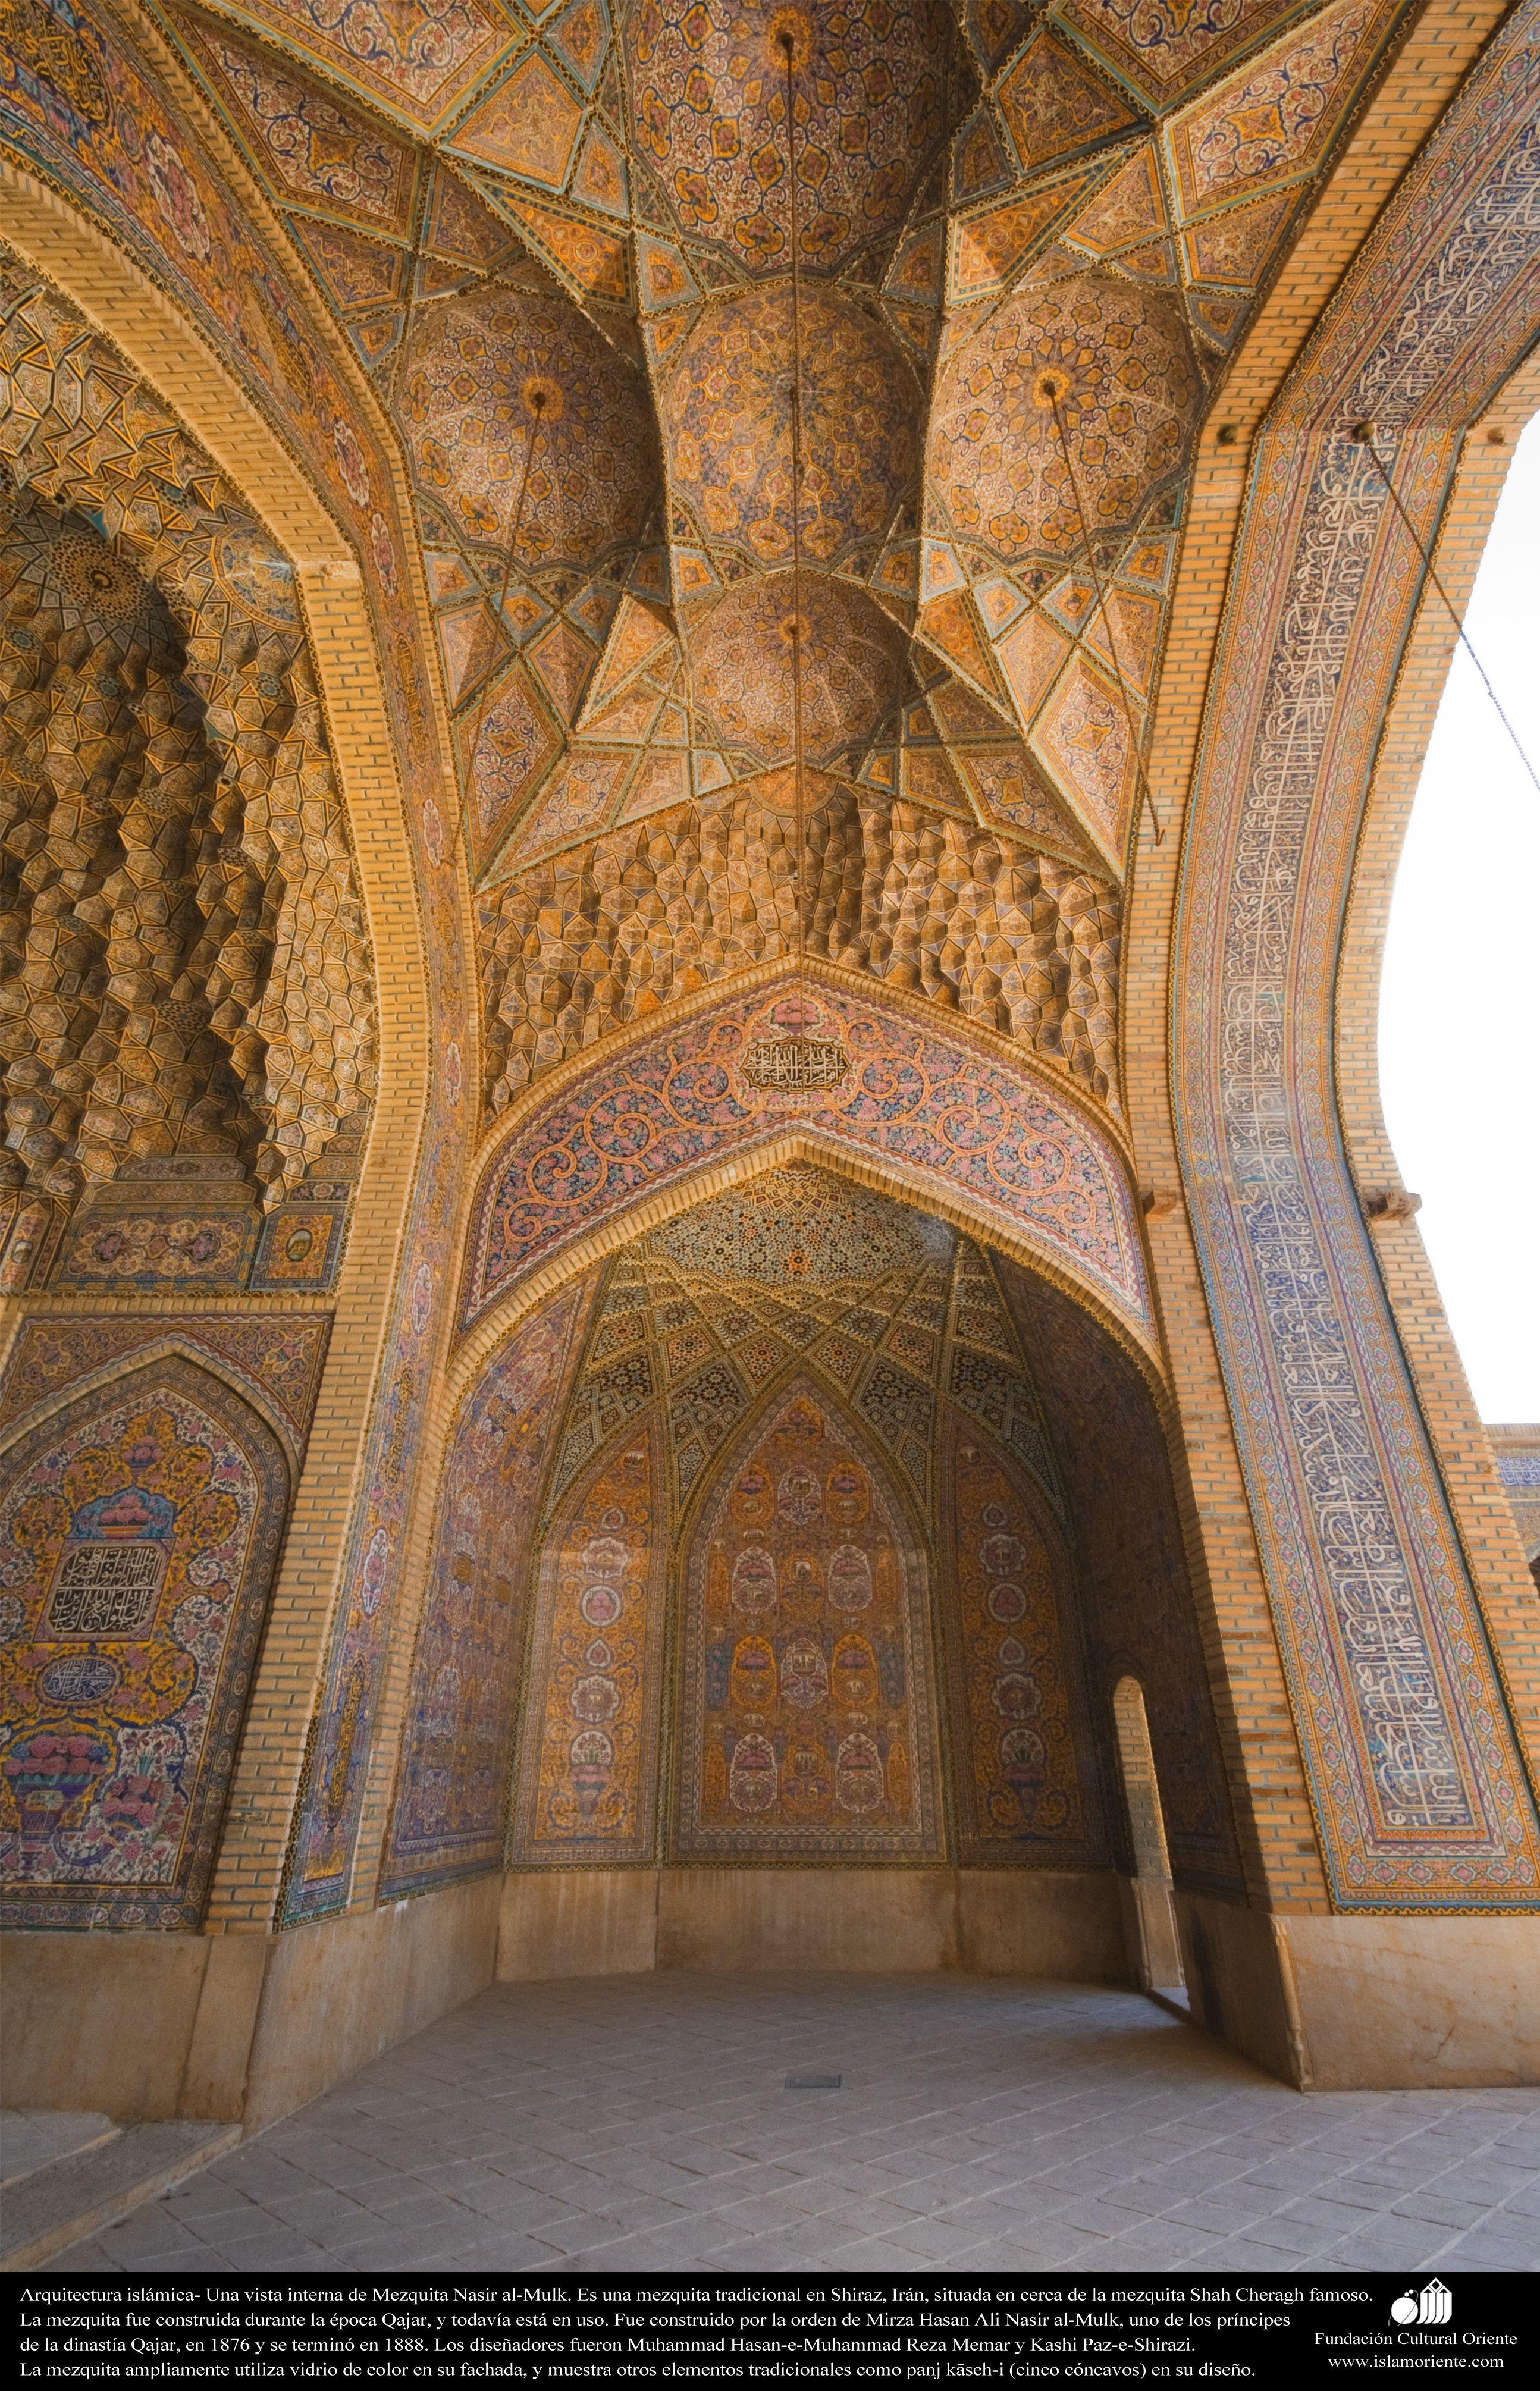 Arquitectura islámica- Una vista parcial interna de la mezquita Nasir al-Mulk en Shiraz, Irán. Se terminó en 1888 - (4) | Galería de Arte Islámico y Fotografía